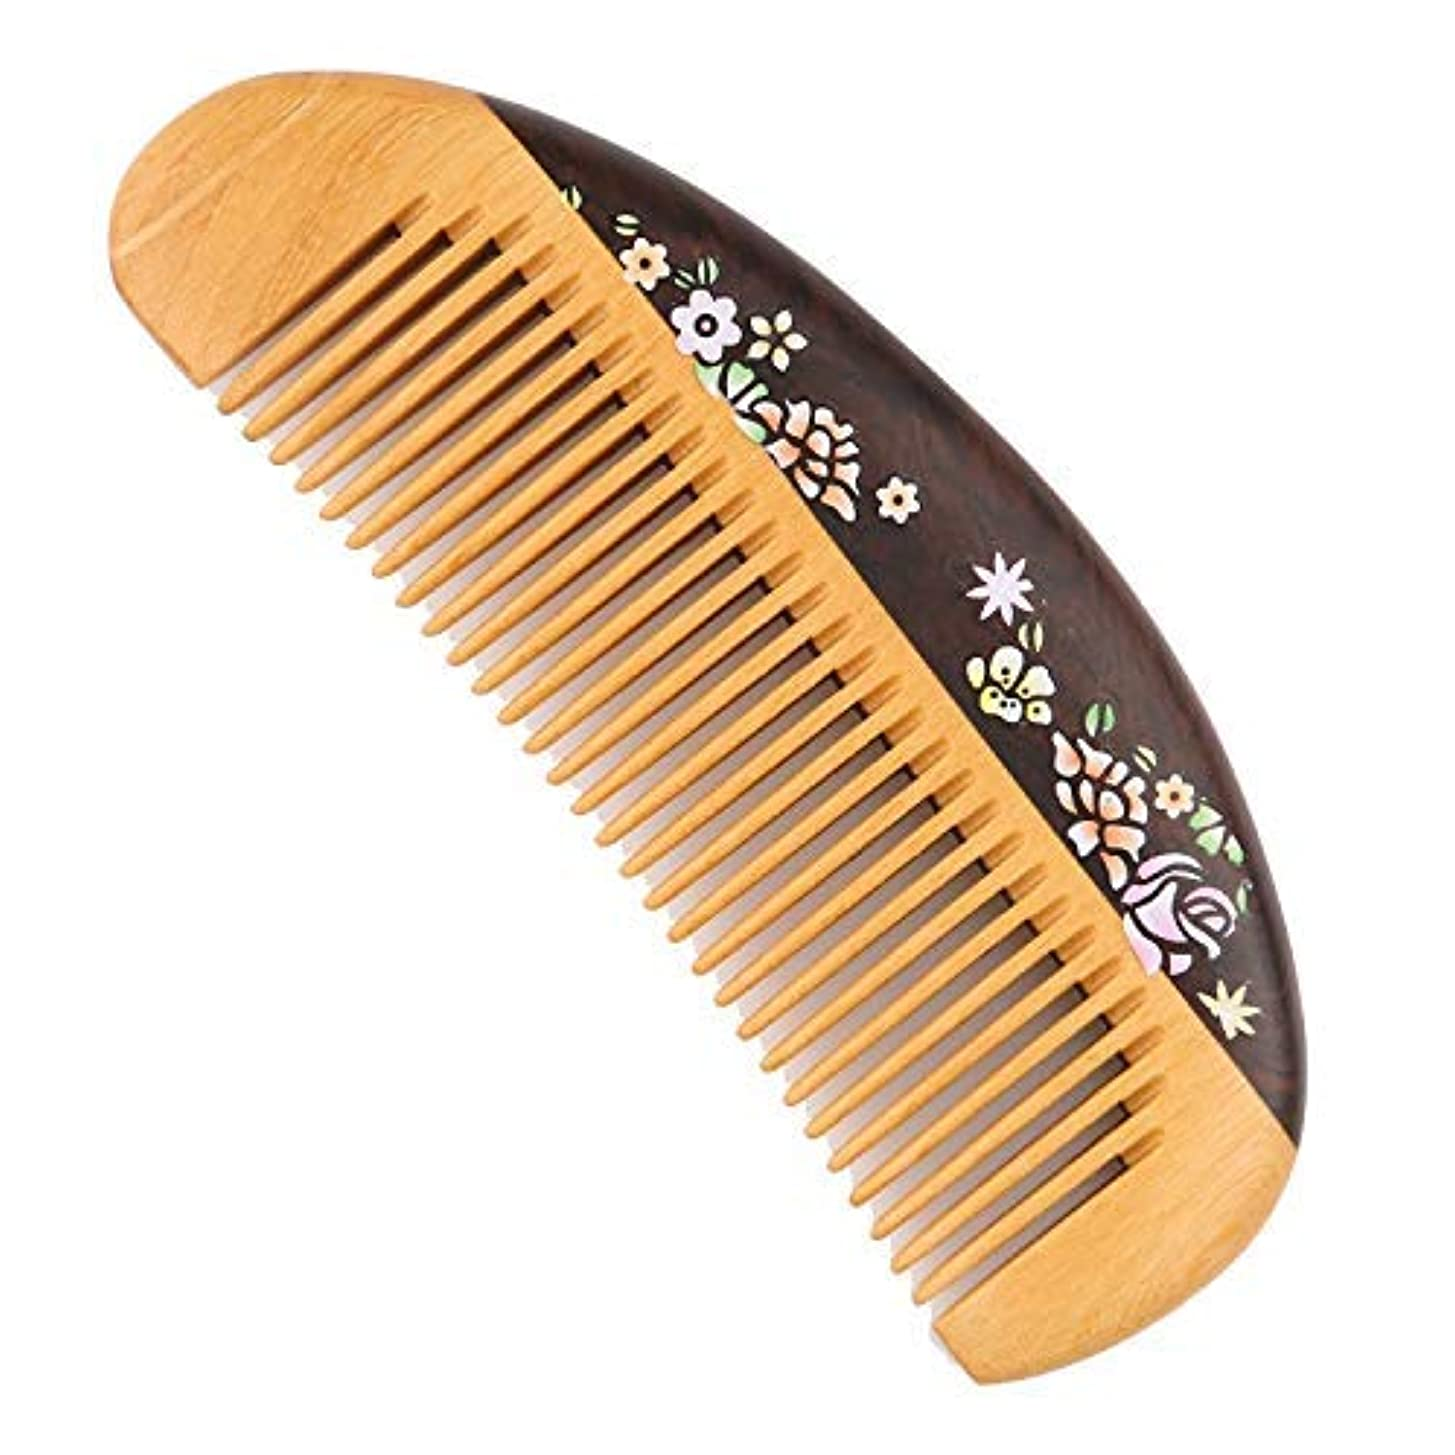 展開する給料ライオネルグリーンストリートFine Tooth Wooden Comb [Gift Box] -LilyComb No Static Pocket Wood Comb for Girl and Women- Birthday Anniversary...